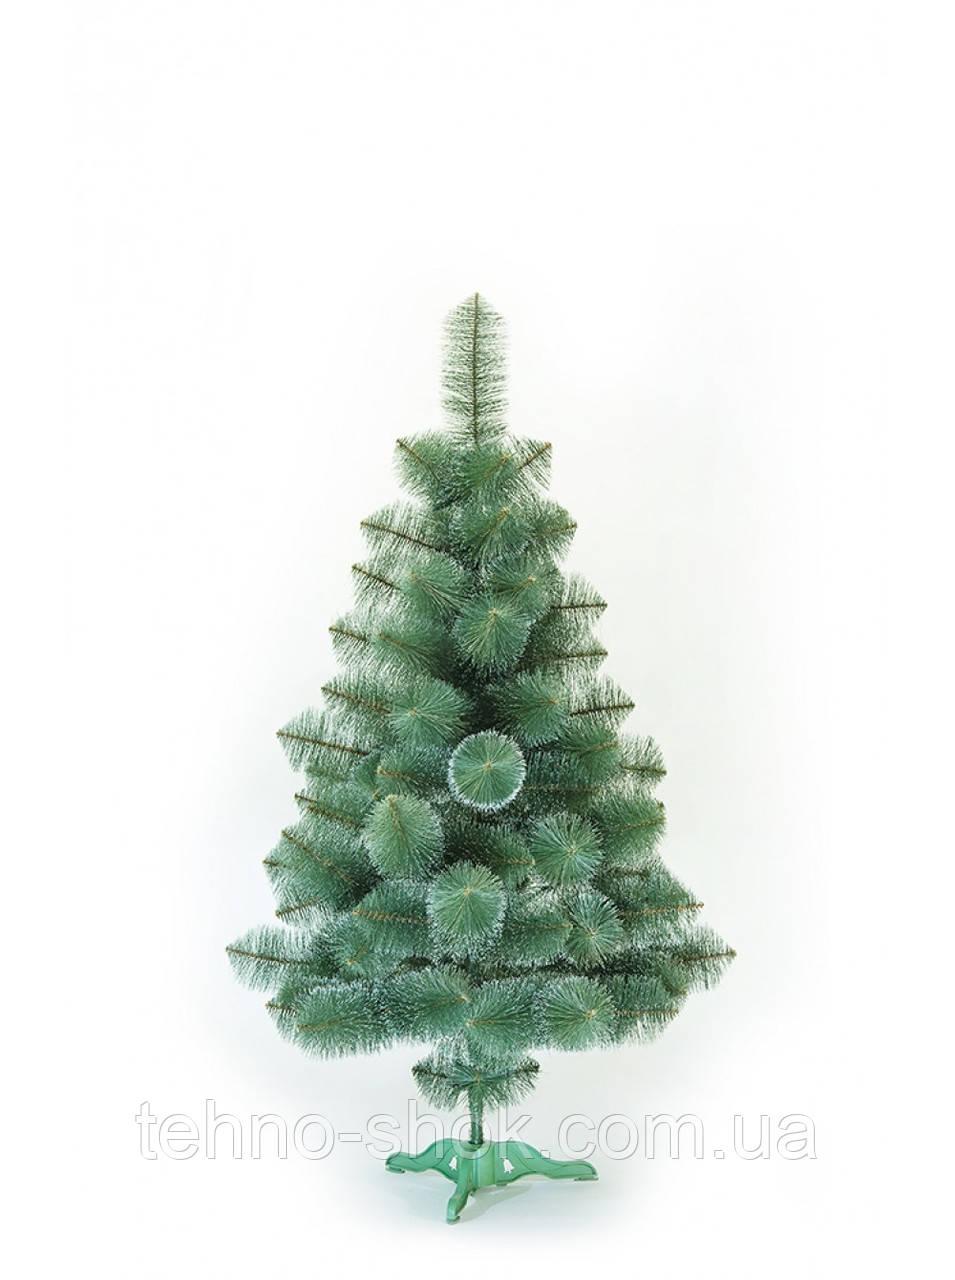 Сосна искусственная зелёная с белыми кончиками 2.5м (СШ-БК-2.5)